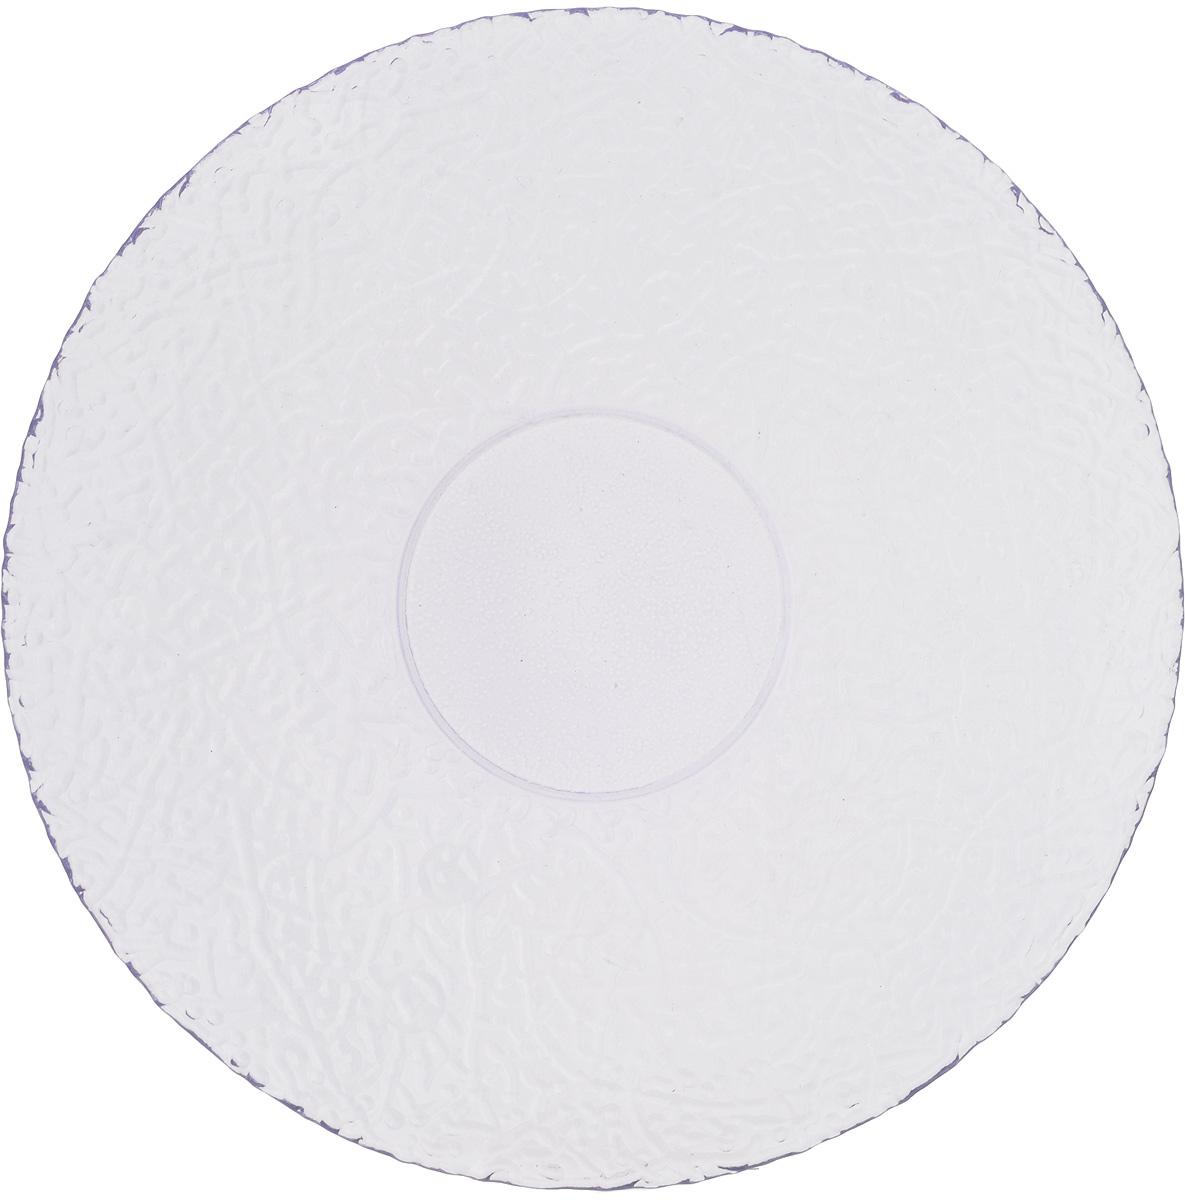 Тарелка NiNaGlass Ажур, цвет: светло-сиреневый, диаметр 26 см83-071-Ф260 ЛАВАНТарелка NiNaGlass Ажур выполнена из высококачественного стекла и имеет рельефную внешнюю поверхность. Она прекрасно впишется в интерьер вашей кухни и станет достойным дополнением к кухонному инвентарю. Тарелка NiNaGlass Ажур подчеркнет прекрасный вкус хозяйки и станет отличным подарком. Диаметр тарелки: 26 см. Высота: 3 см.